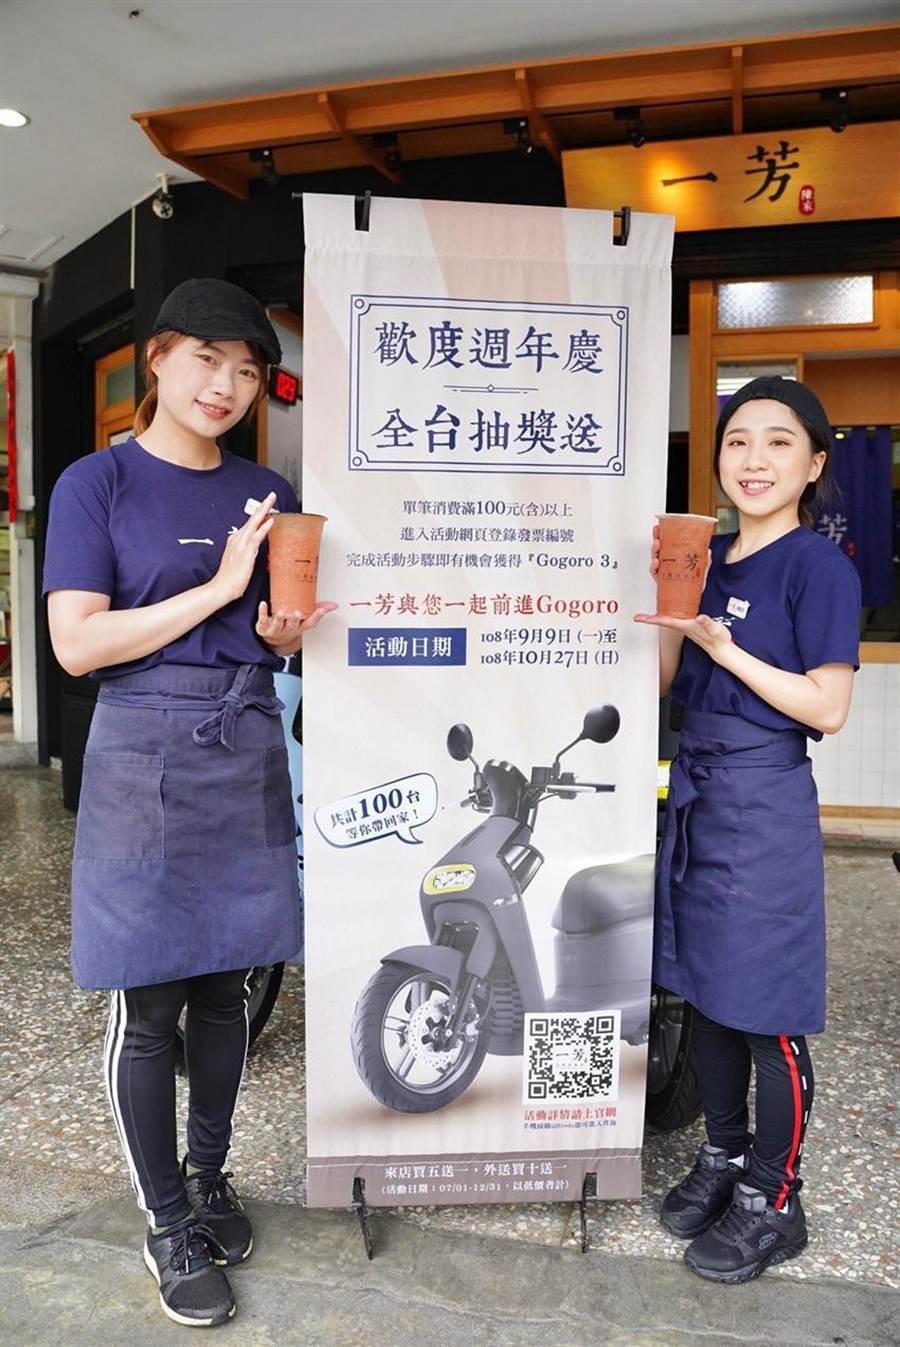 墨力國際台灣總經理廖麗霞表示,一芳水果茶9/9起連續7週將抽出100台電動機車。(圖一芳水果茶提供/曾麗芳傳真)